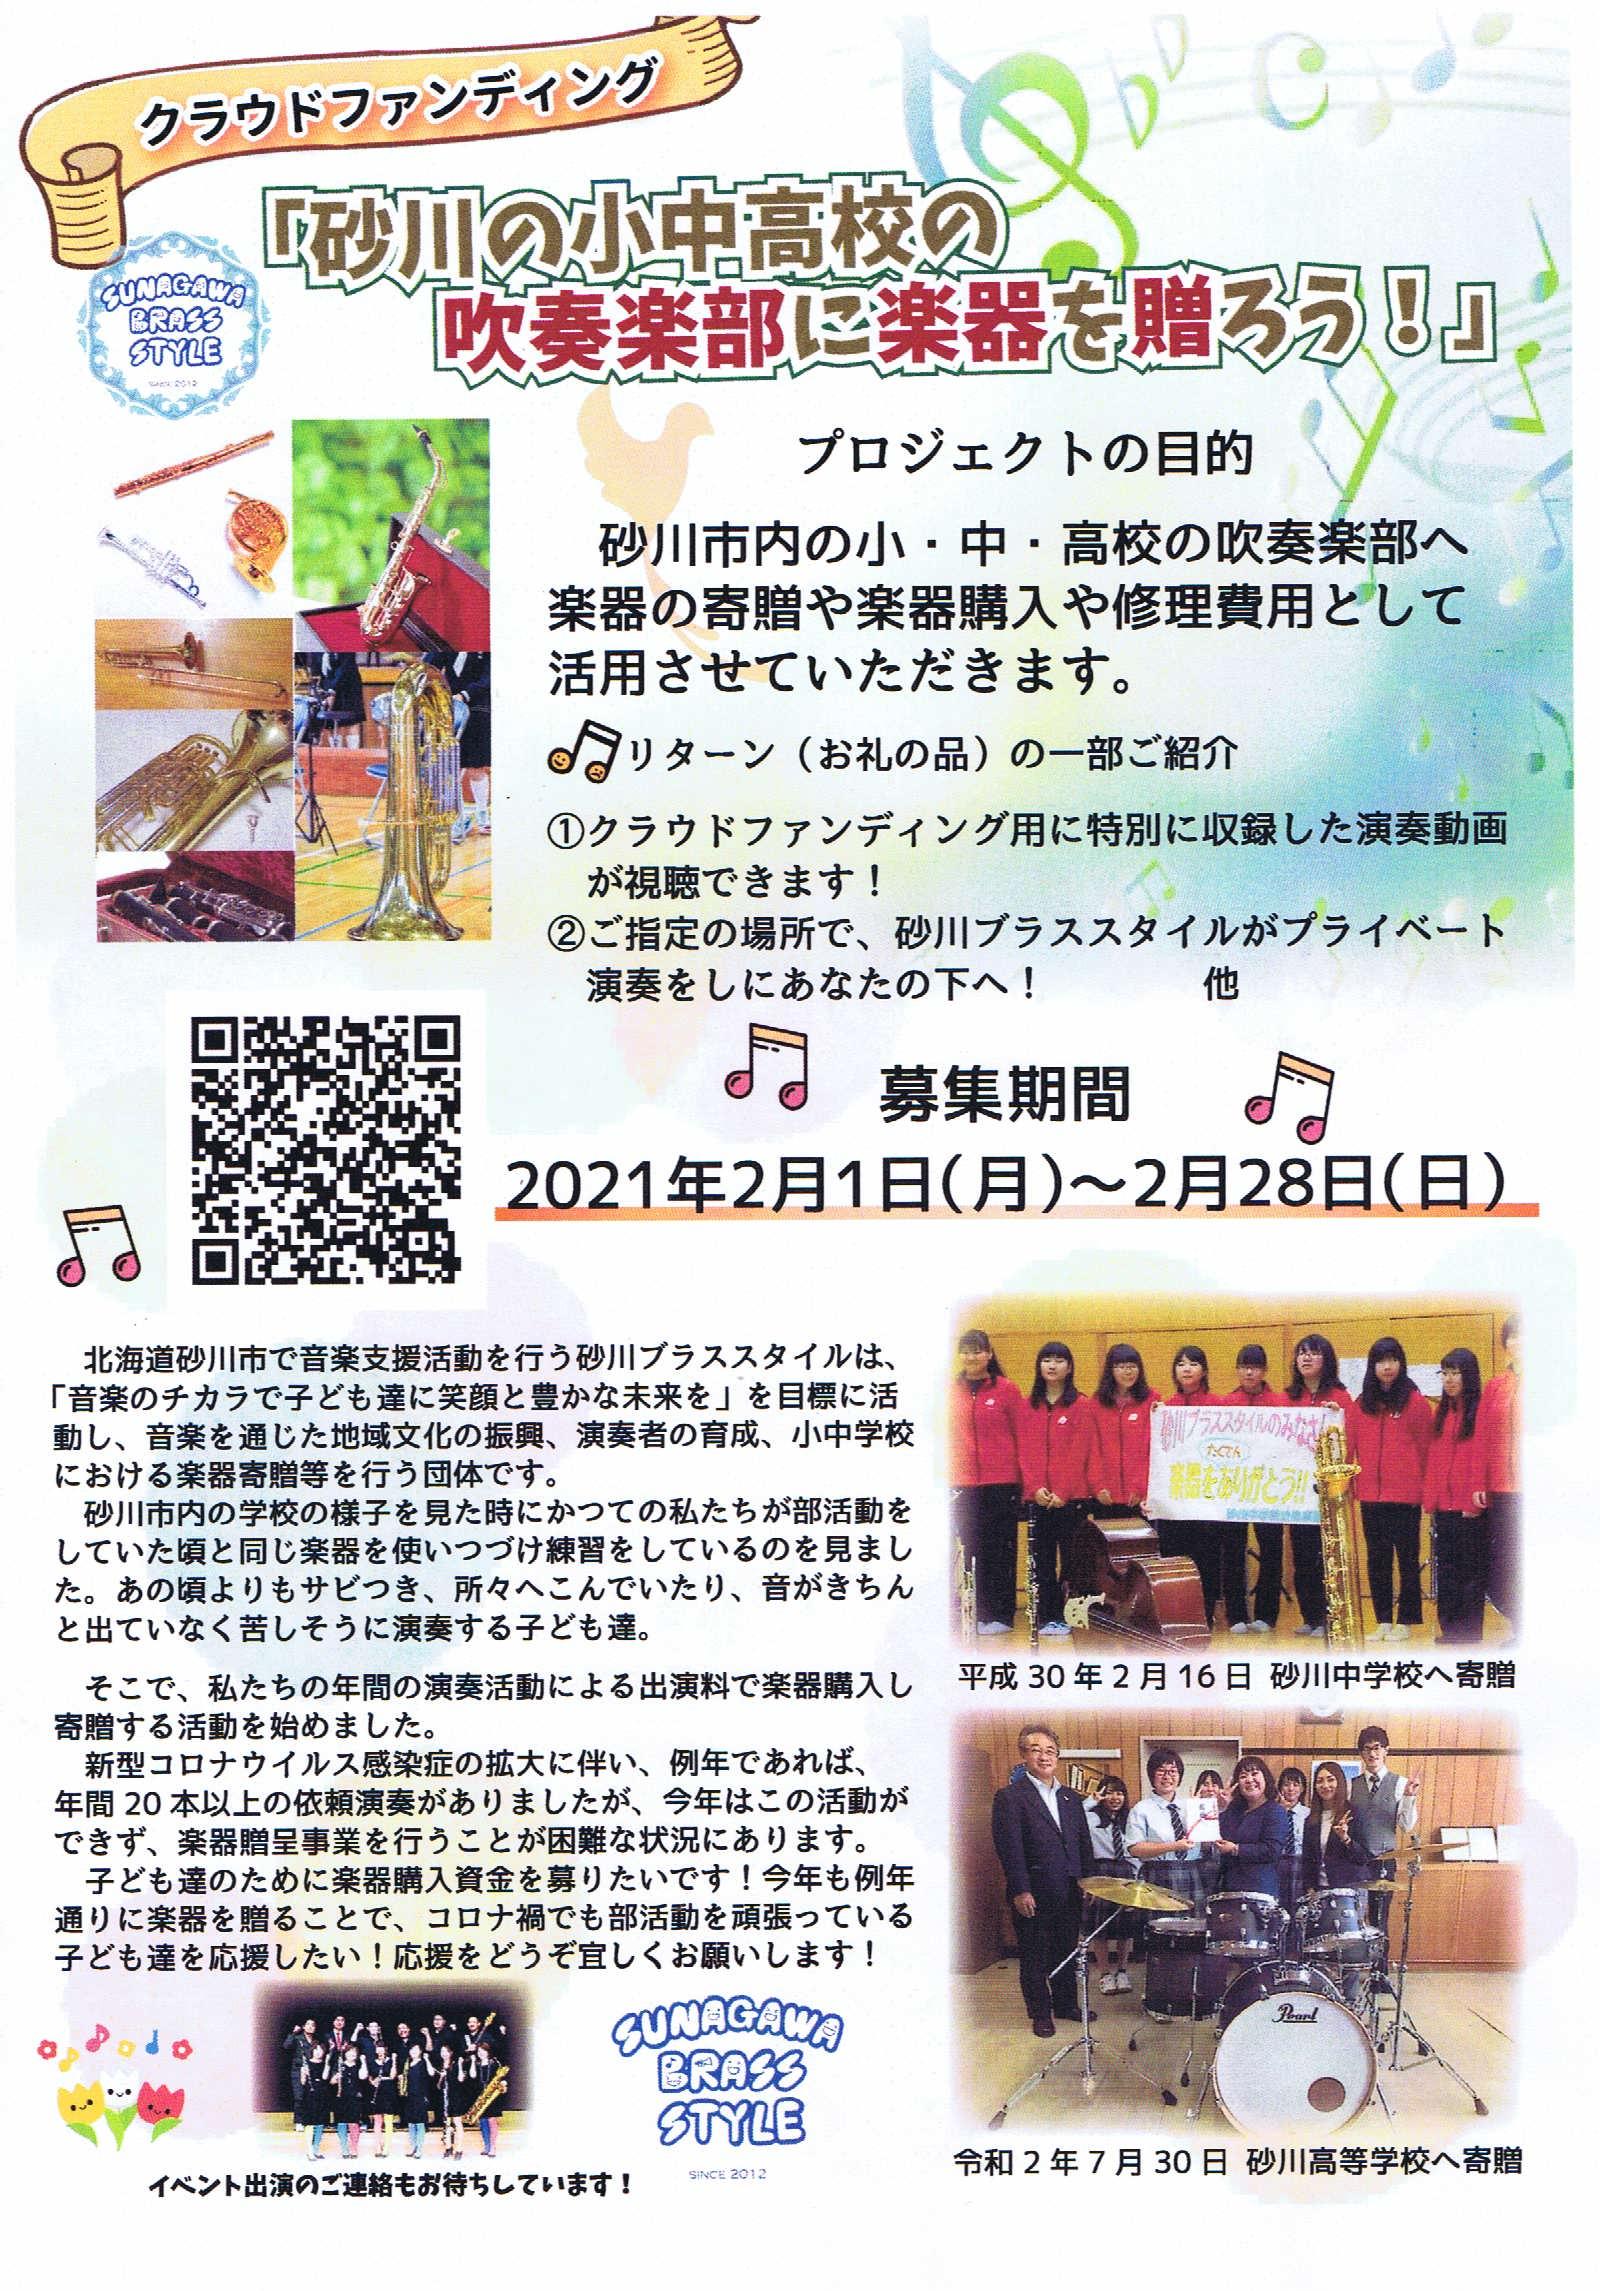 クラウドファンディング 砂川の小中高校の吹奏楽部に楽器を贈ろう!のポスター